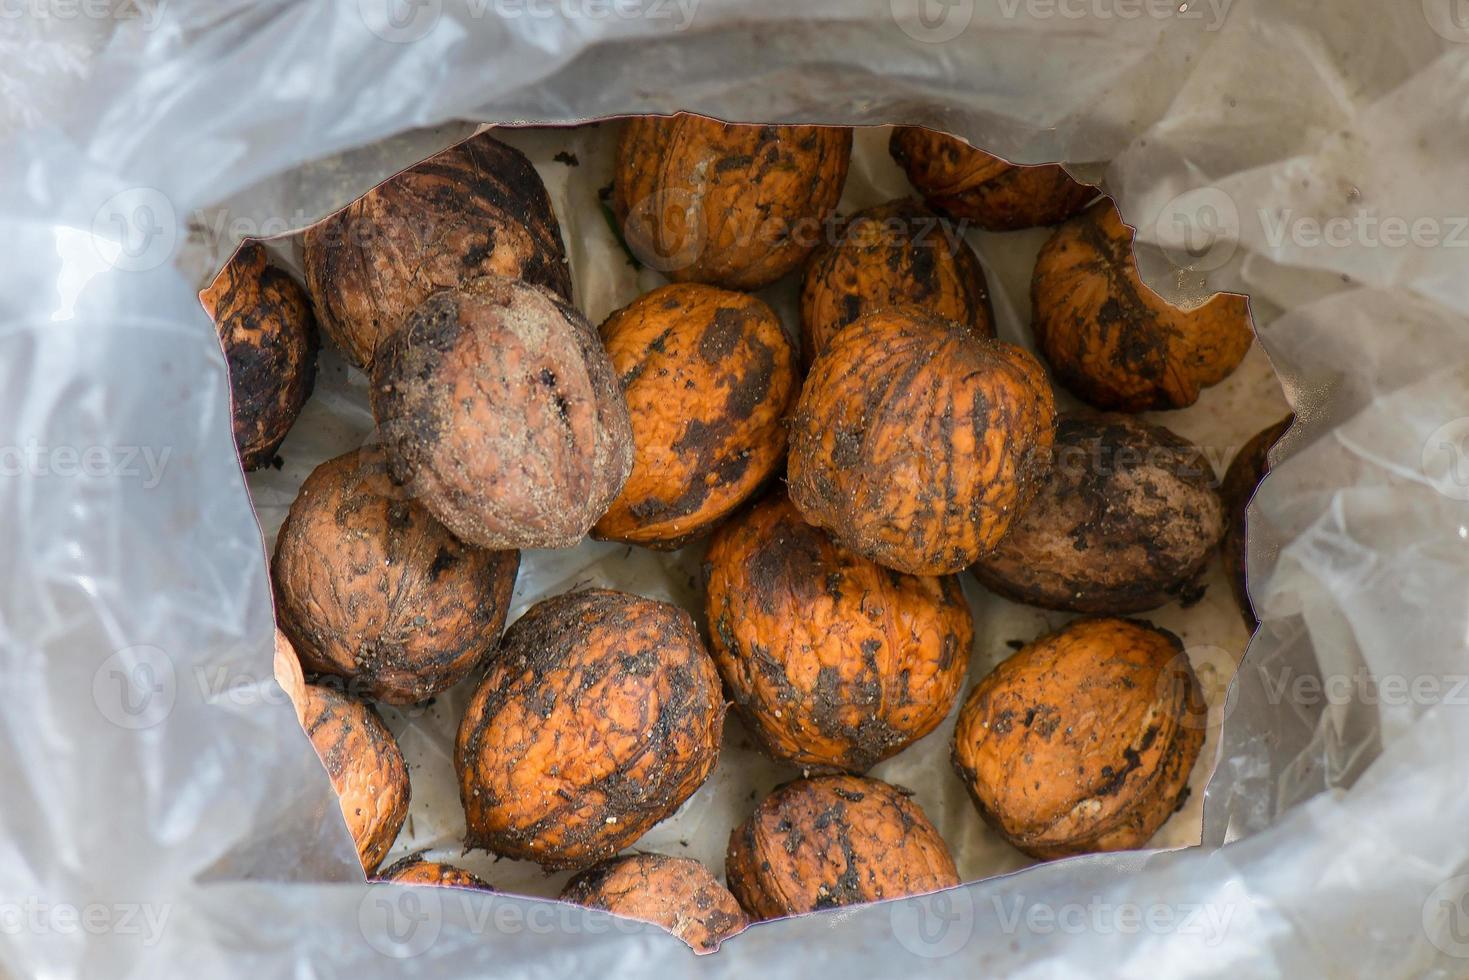 valnötter till noll kilometer ekent samlat foto